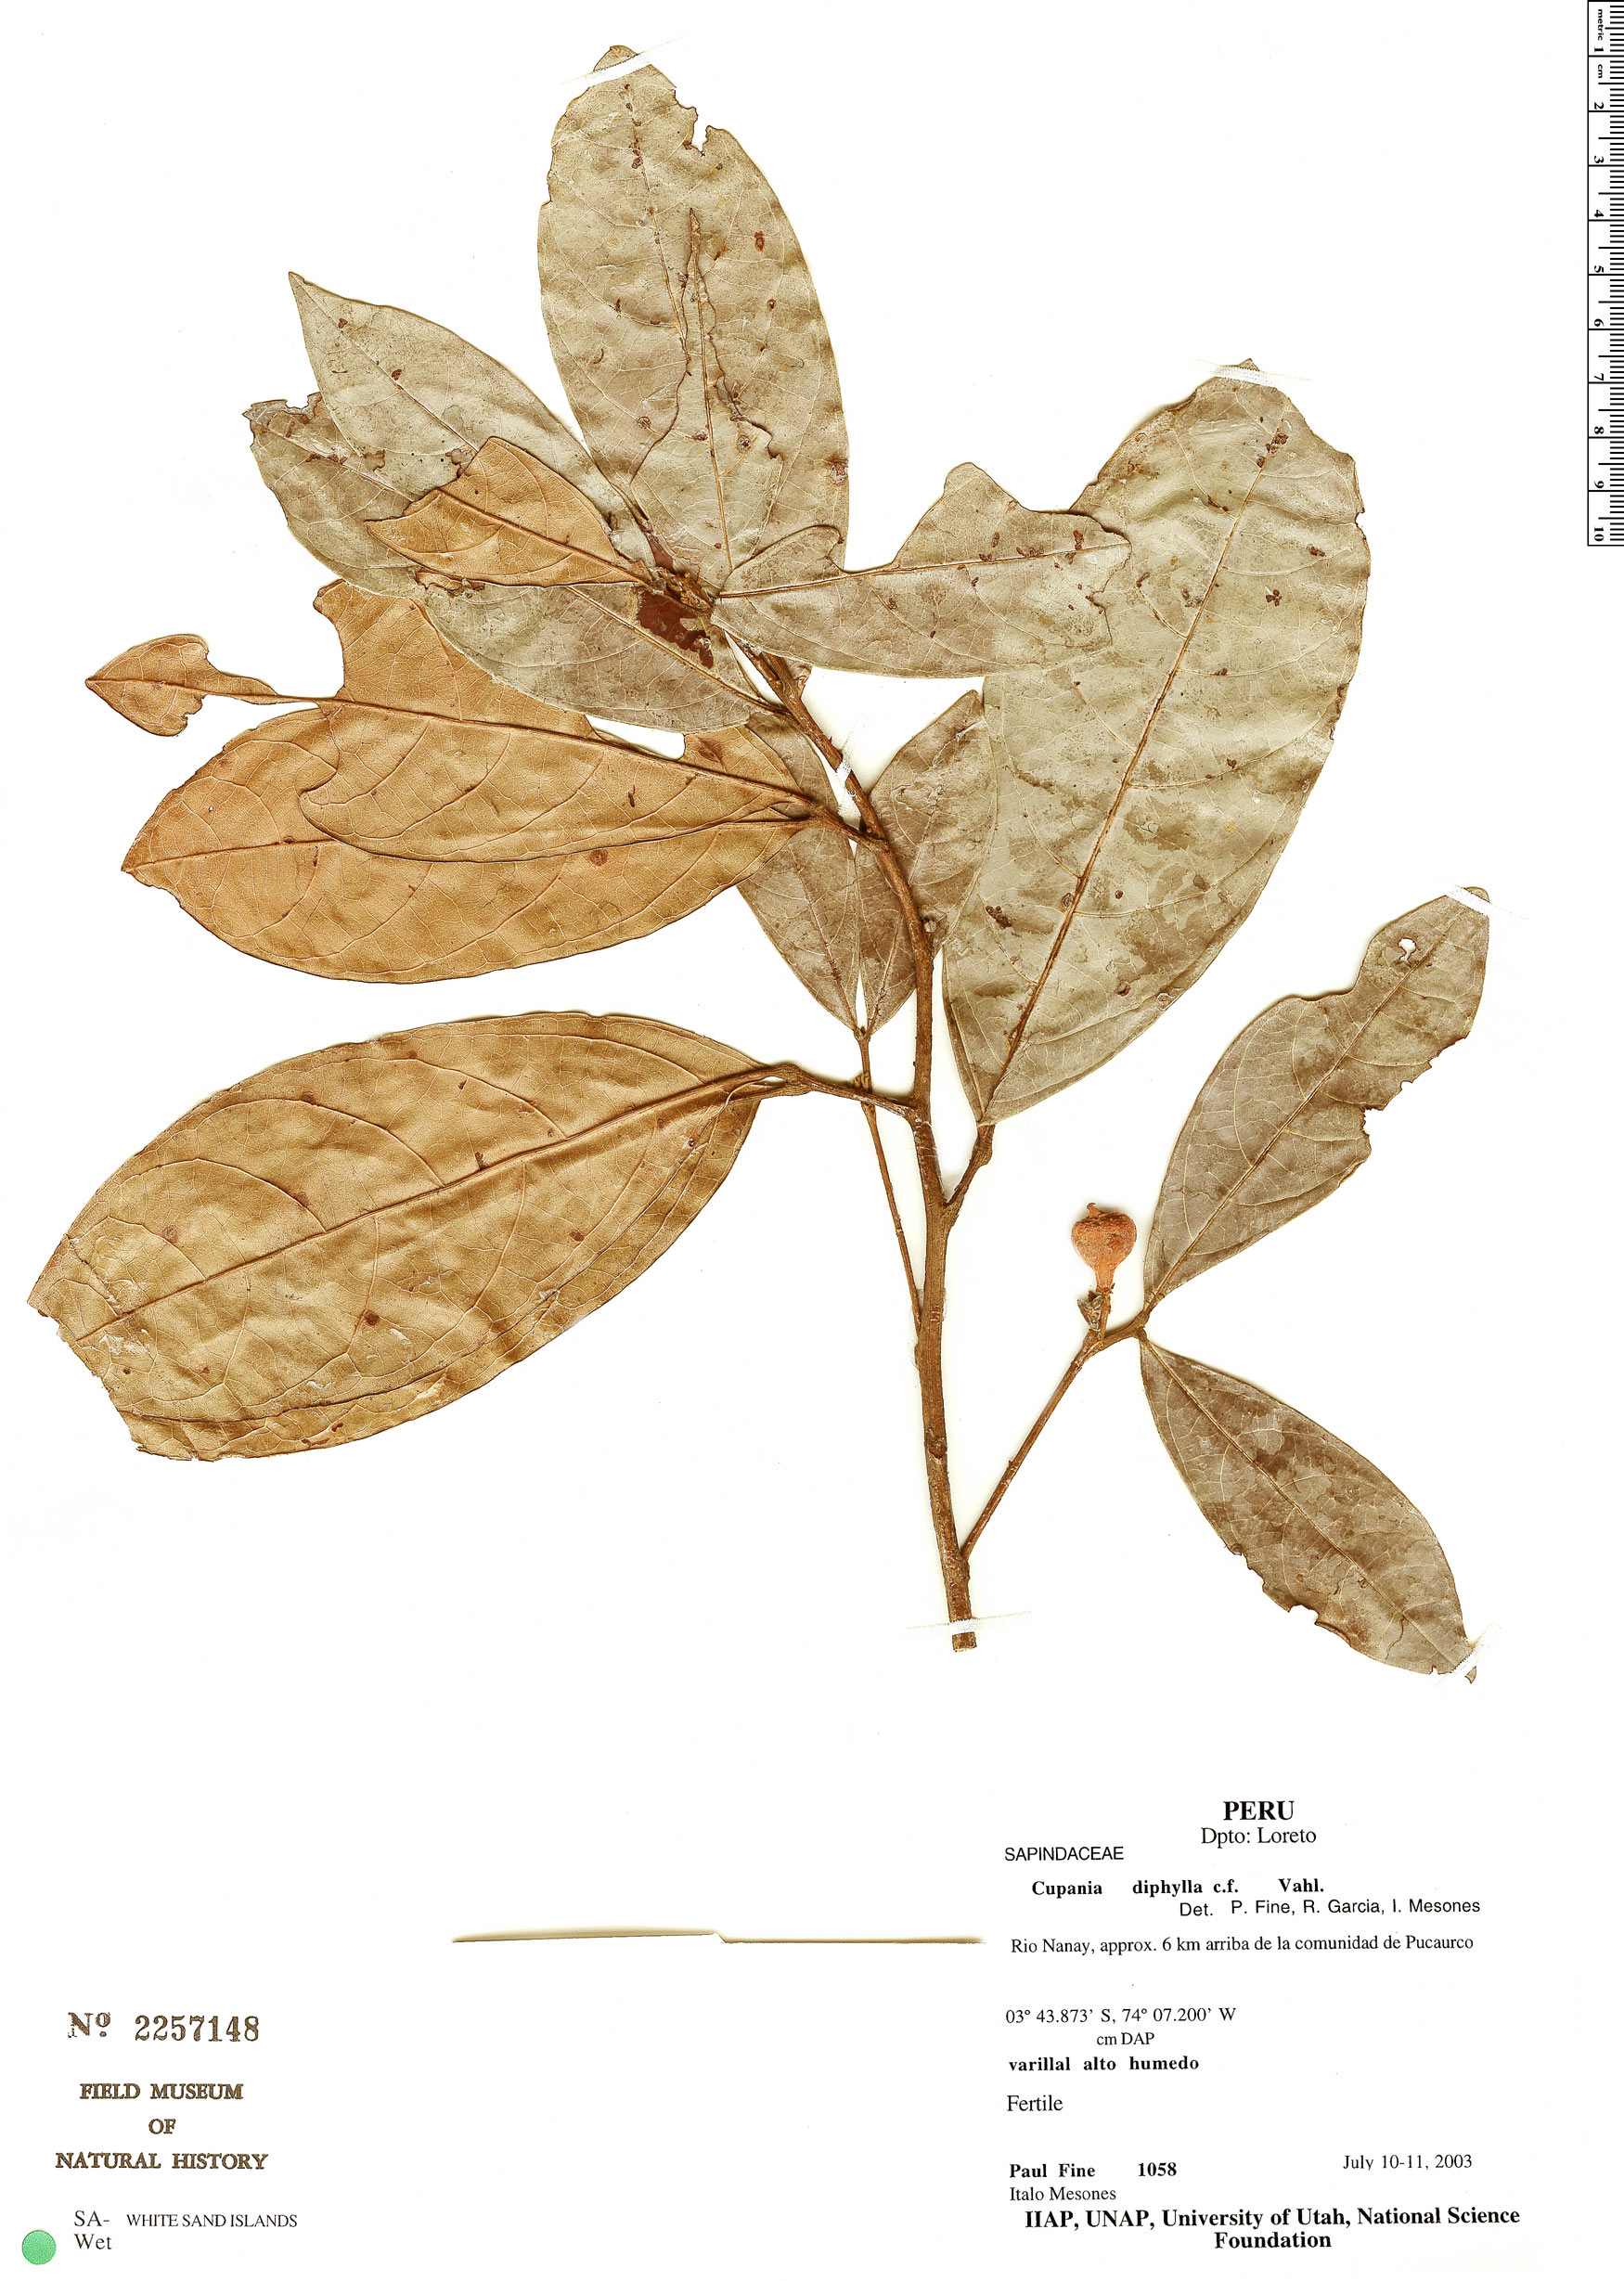 Specimen: Cupania diphylla